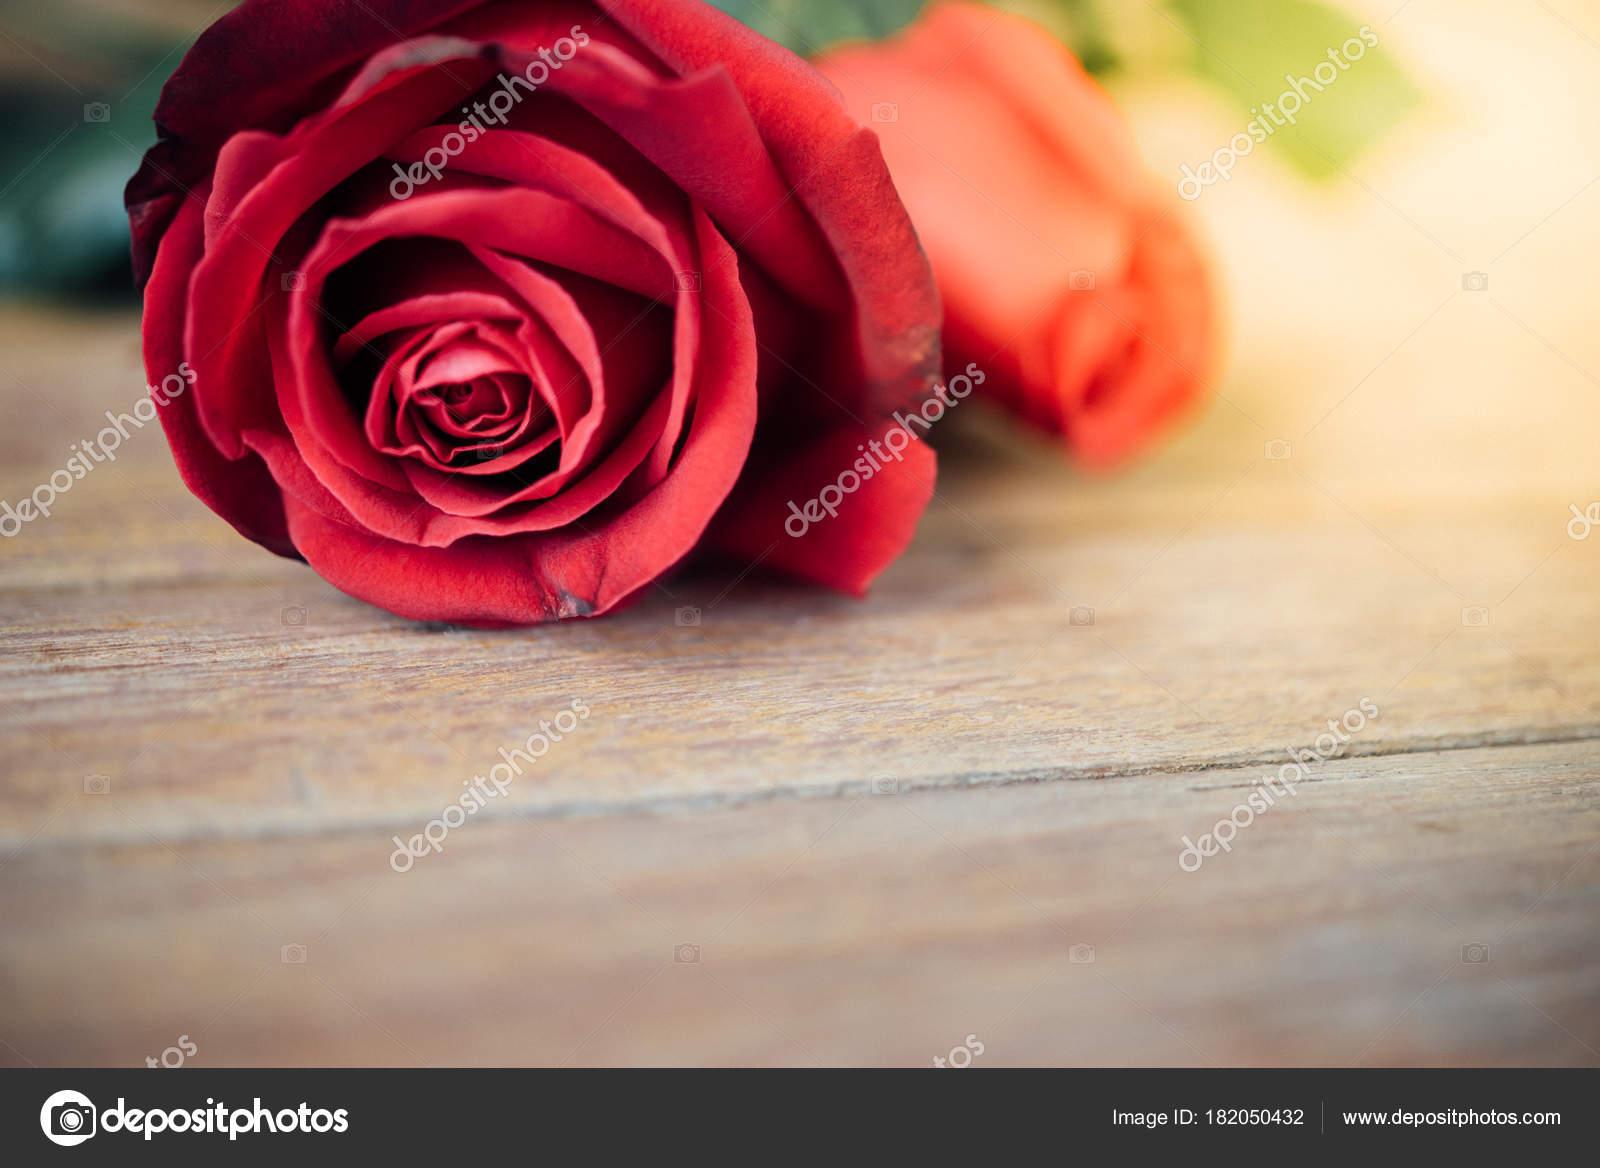 Red rose flower nature beautiful flowers garden valentines wooden red rose flower nature beautiful flowers garden valentines wooden floor stock photo izmirmasajfo